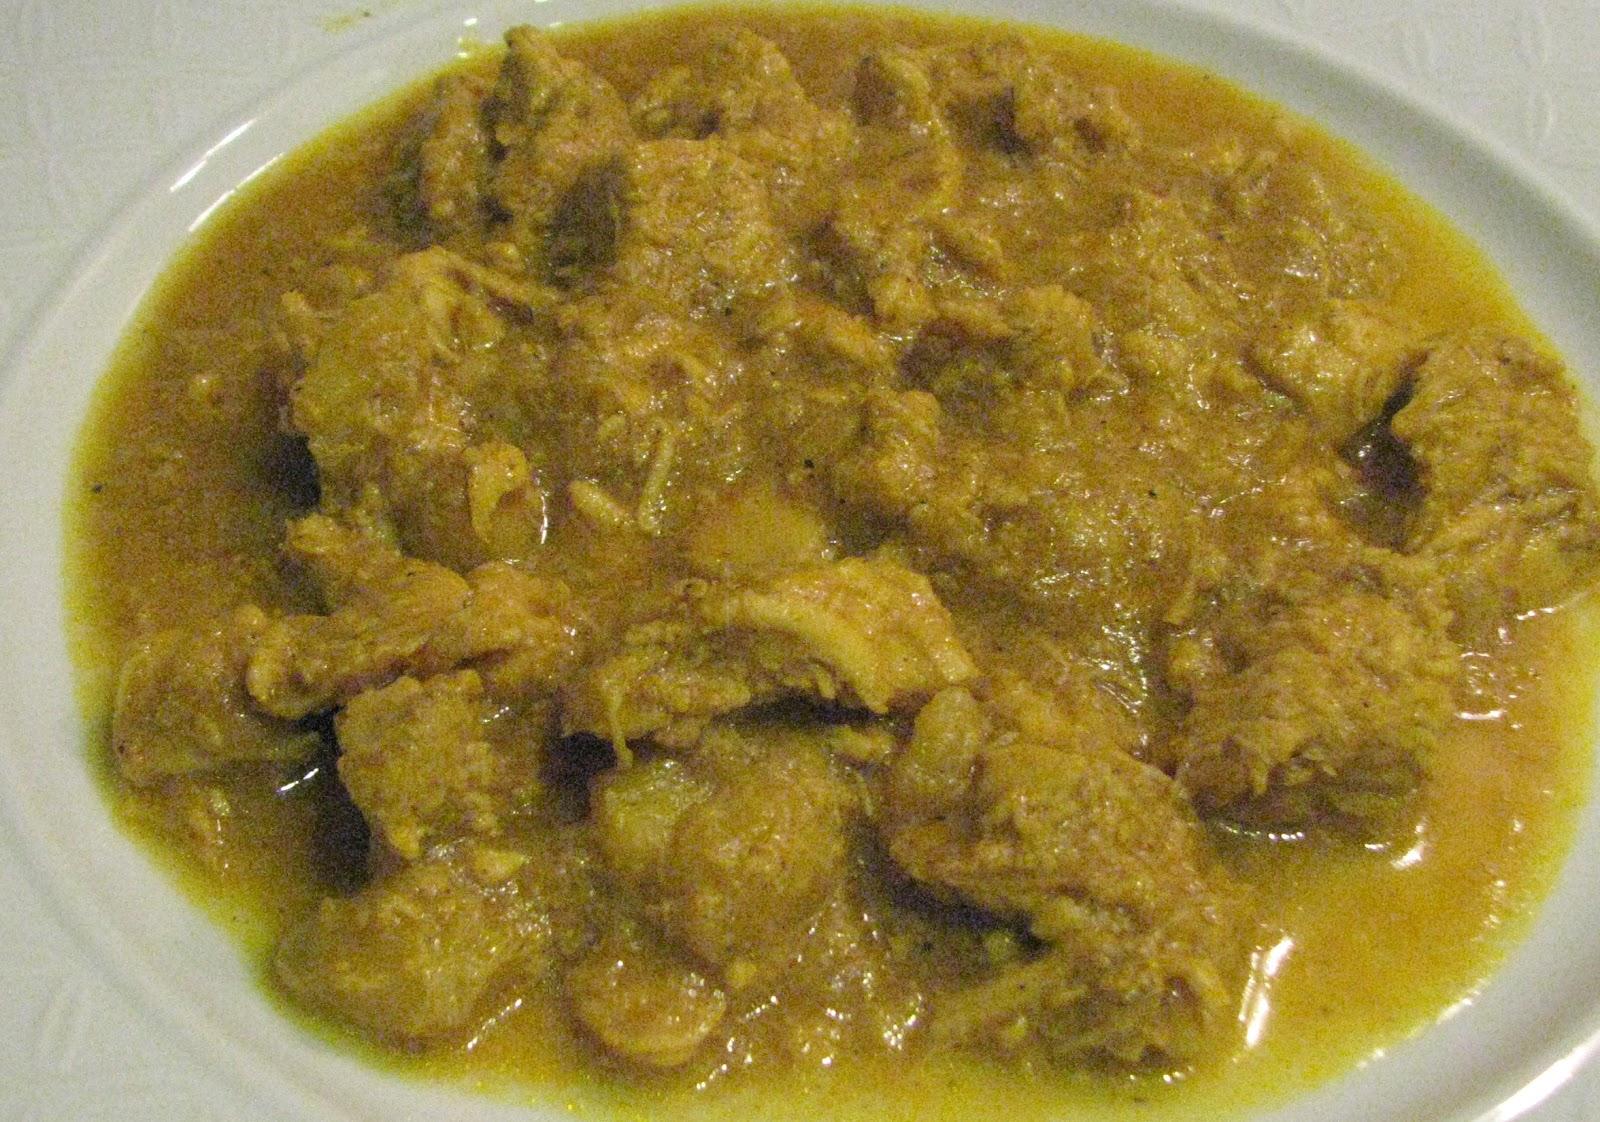 Tay dilinde tavuk. Tayland kaju ile tavuk